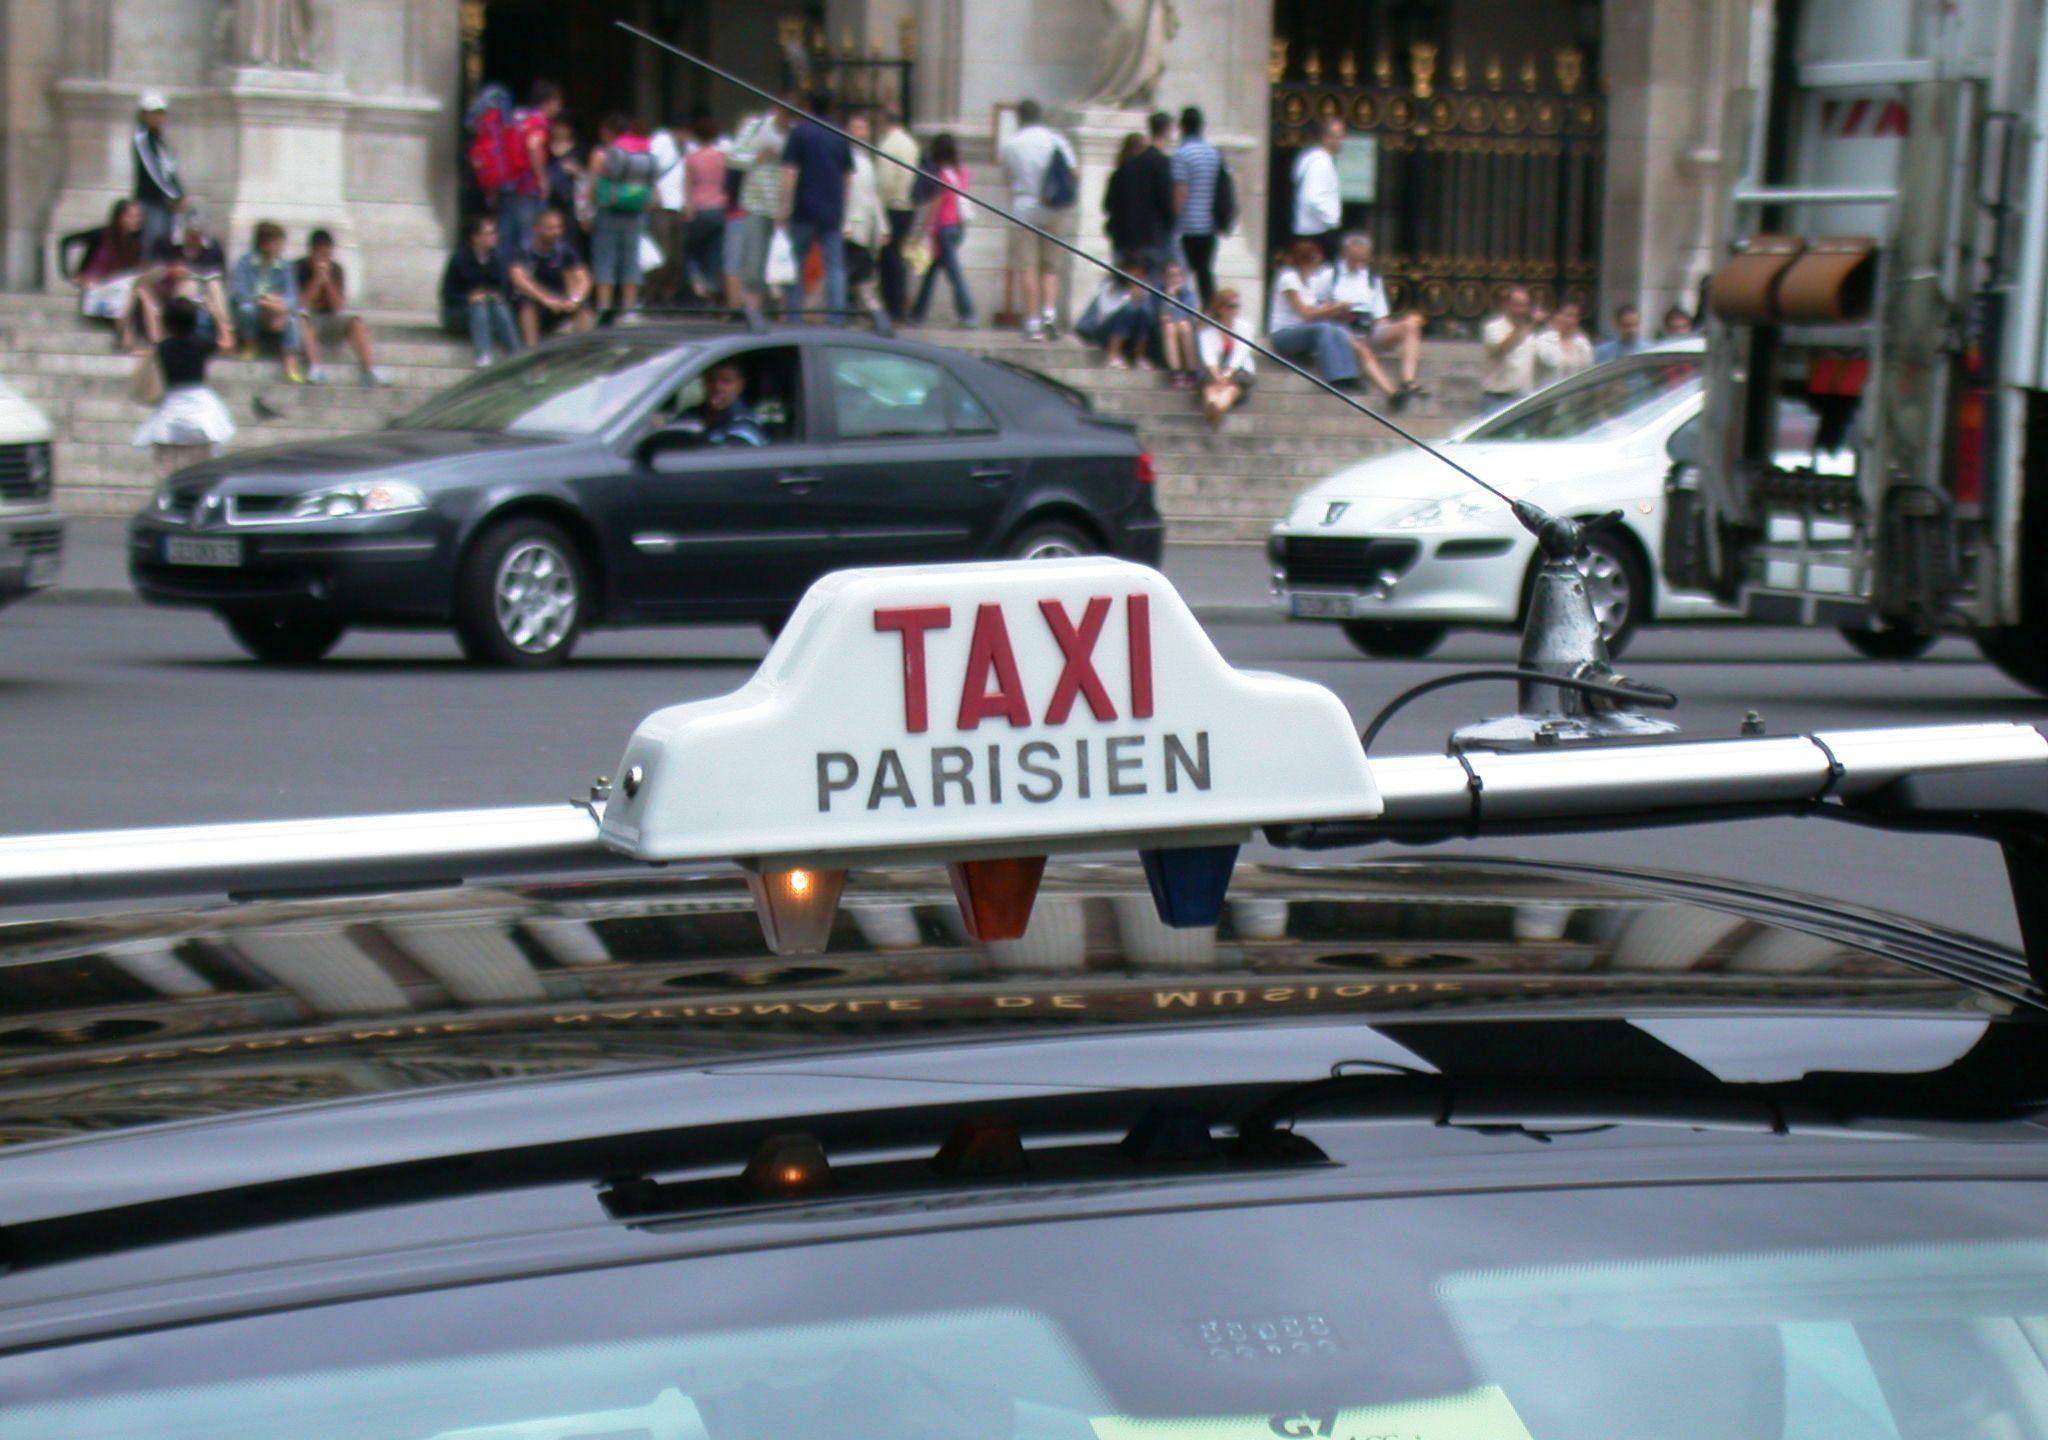 Comptez 25 à 30 euros pour traverser Paris sans embouteillage, plus 7 euros si vous avez l'audace de commander votre taxi d'avance. Photo: (WT-shared) Riggwelter at wts.wikivoyage, creative commons.